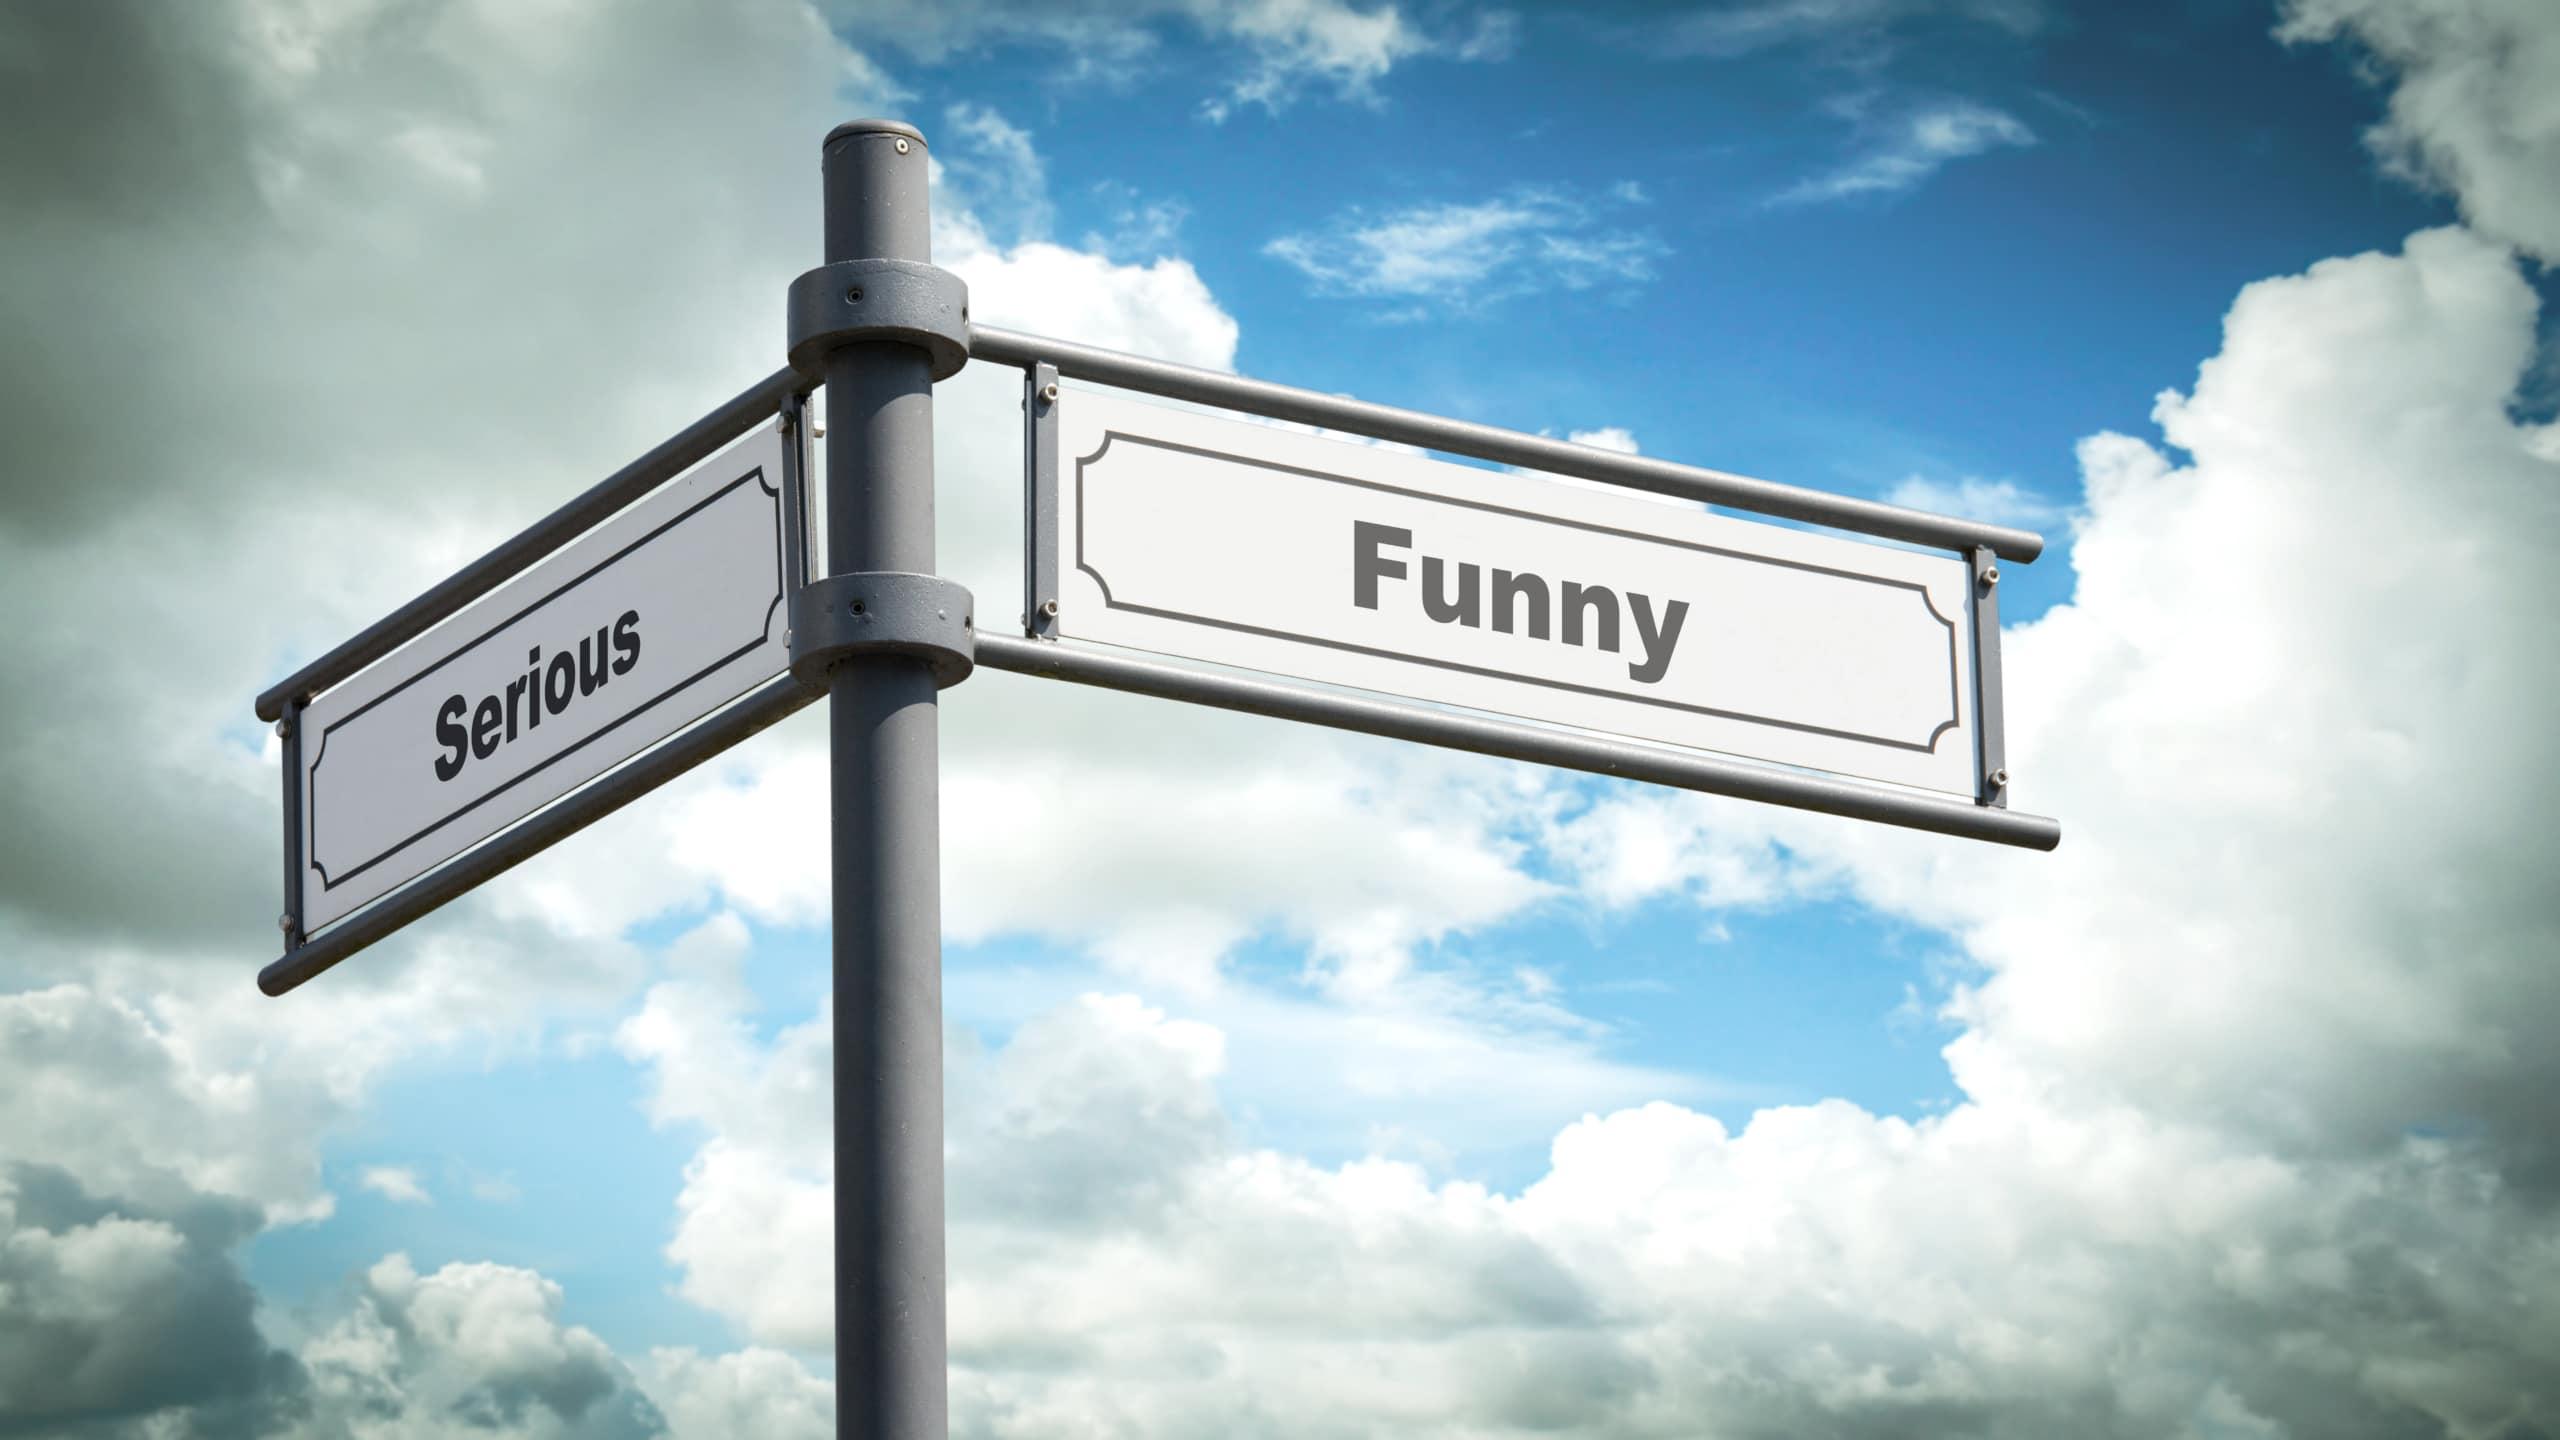 Humor in Marketing